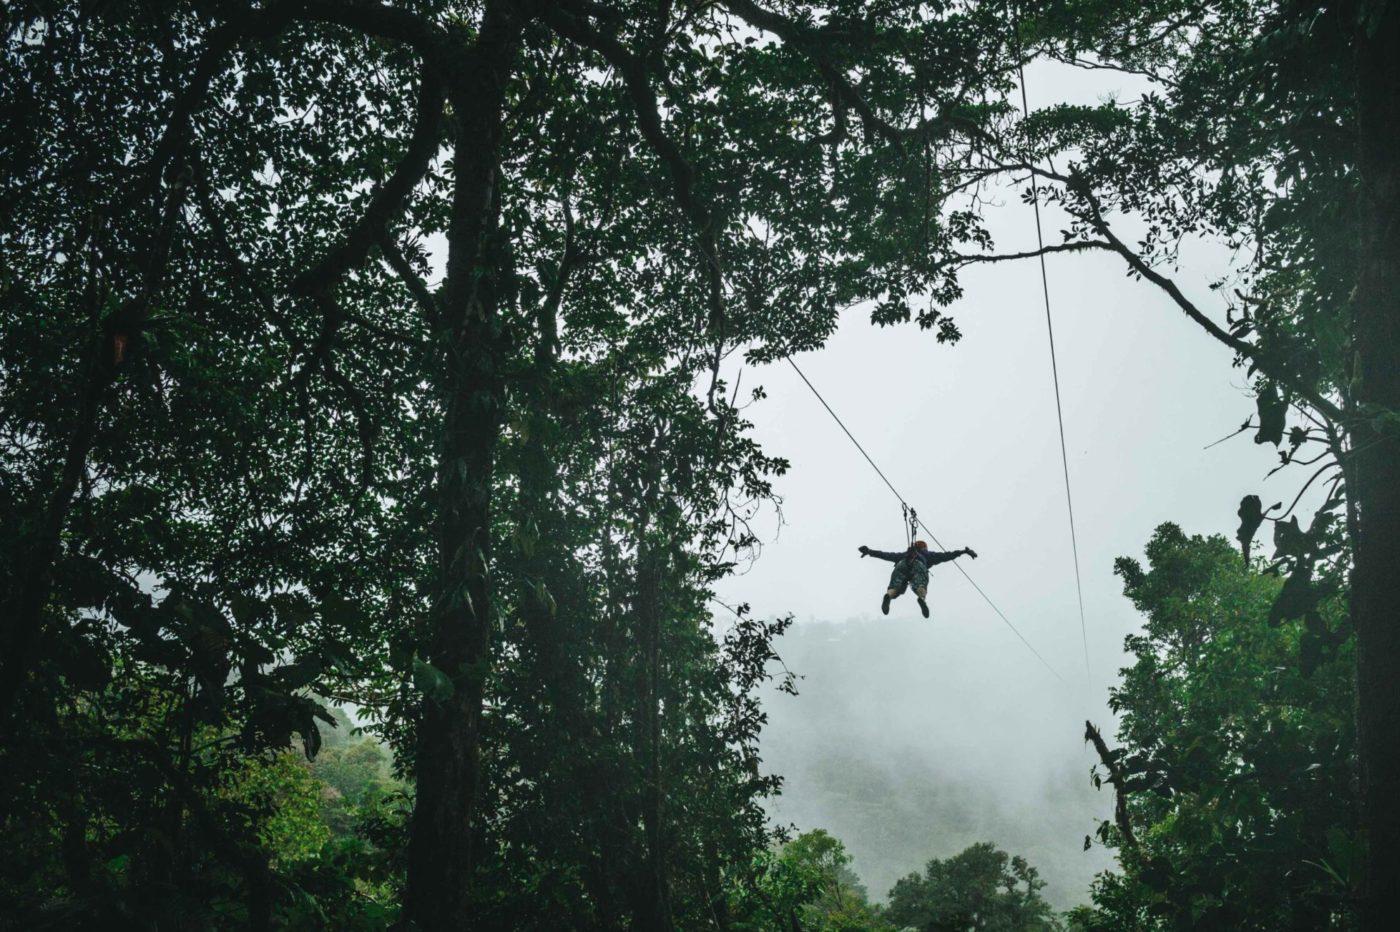 Costa Rica Monteverde ziplining-4345